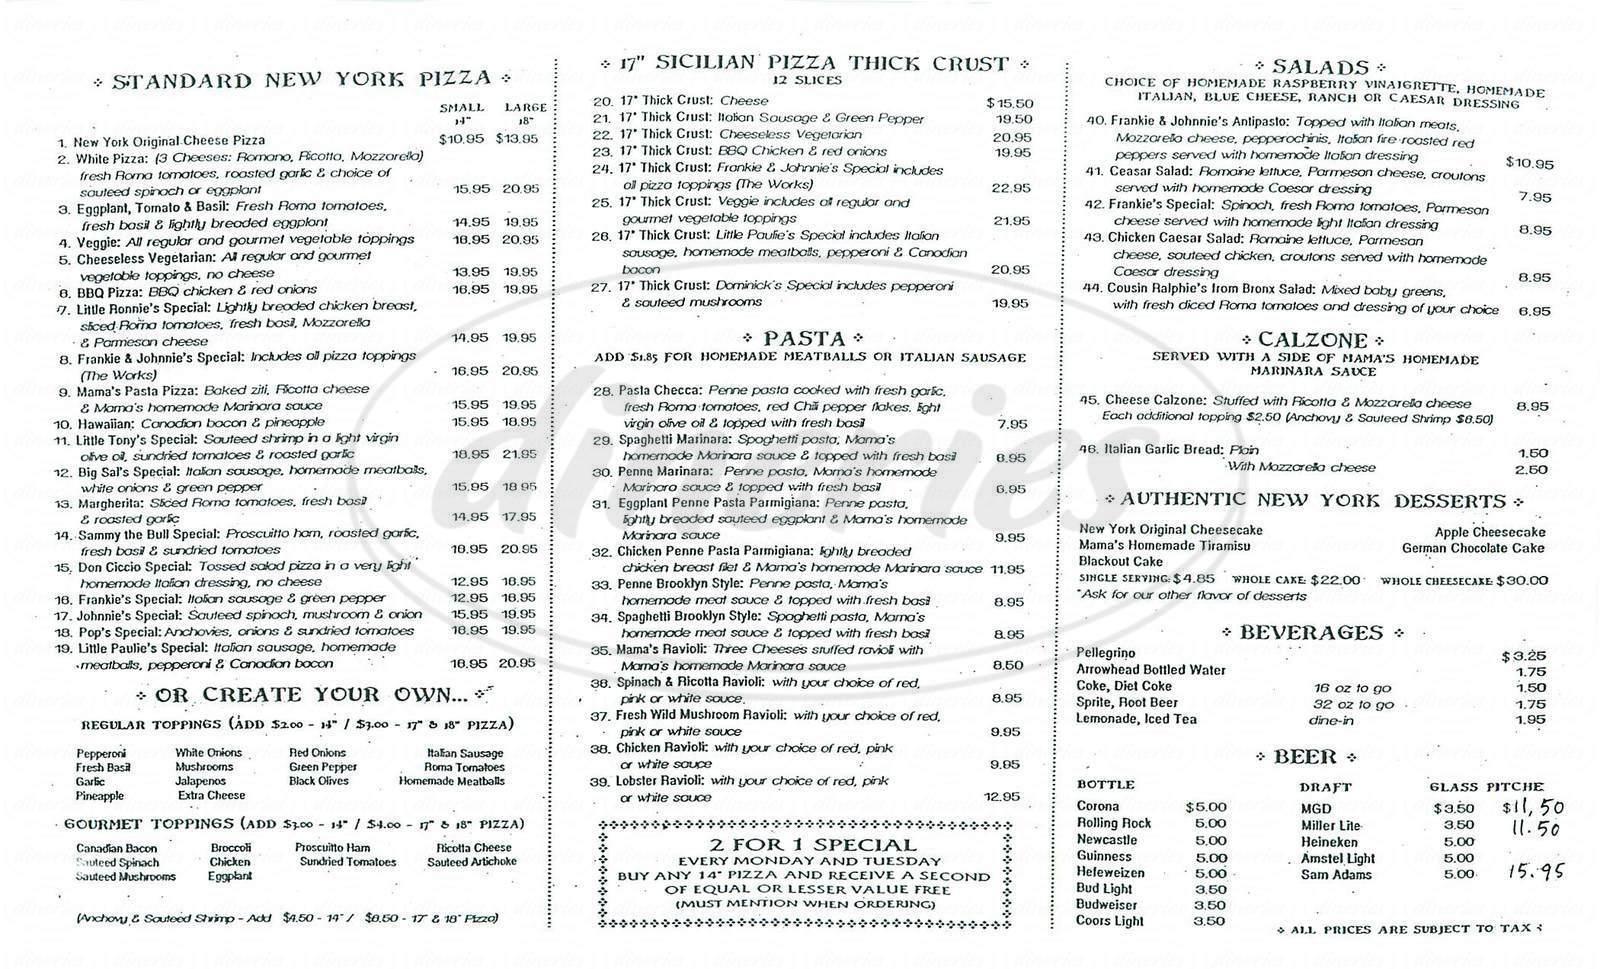 menu for Frankie & Johnnie's New York Pizza